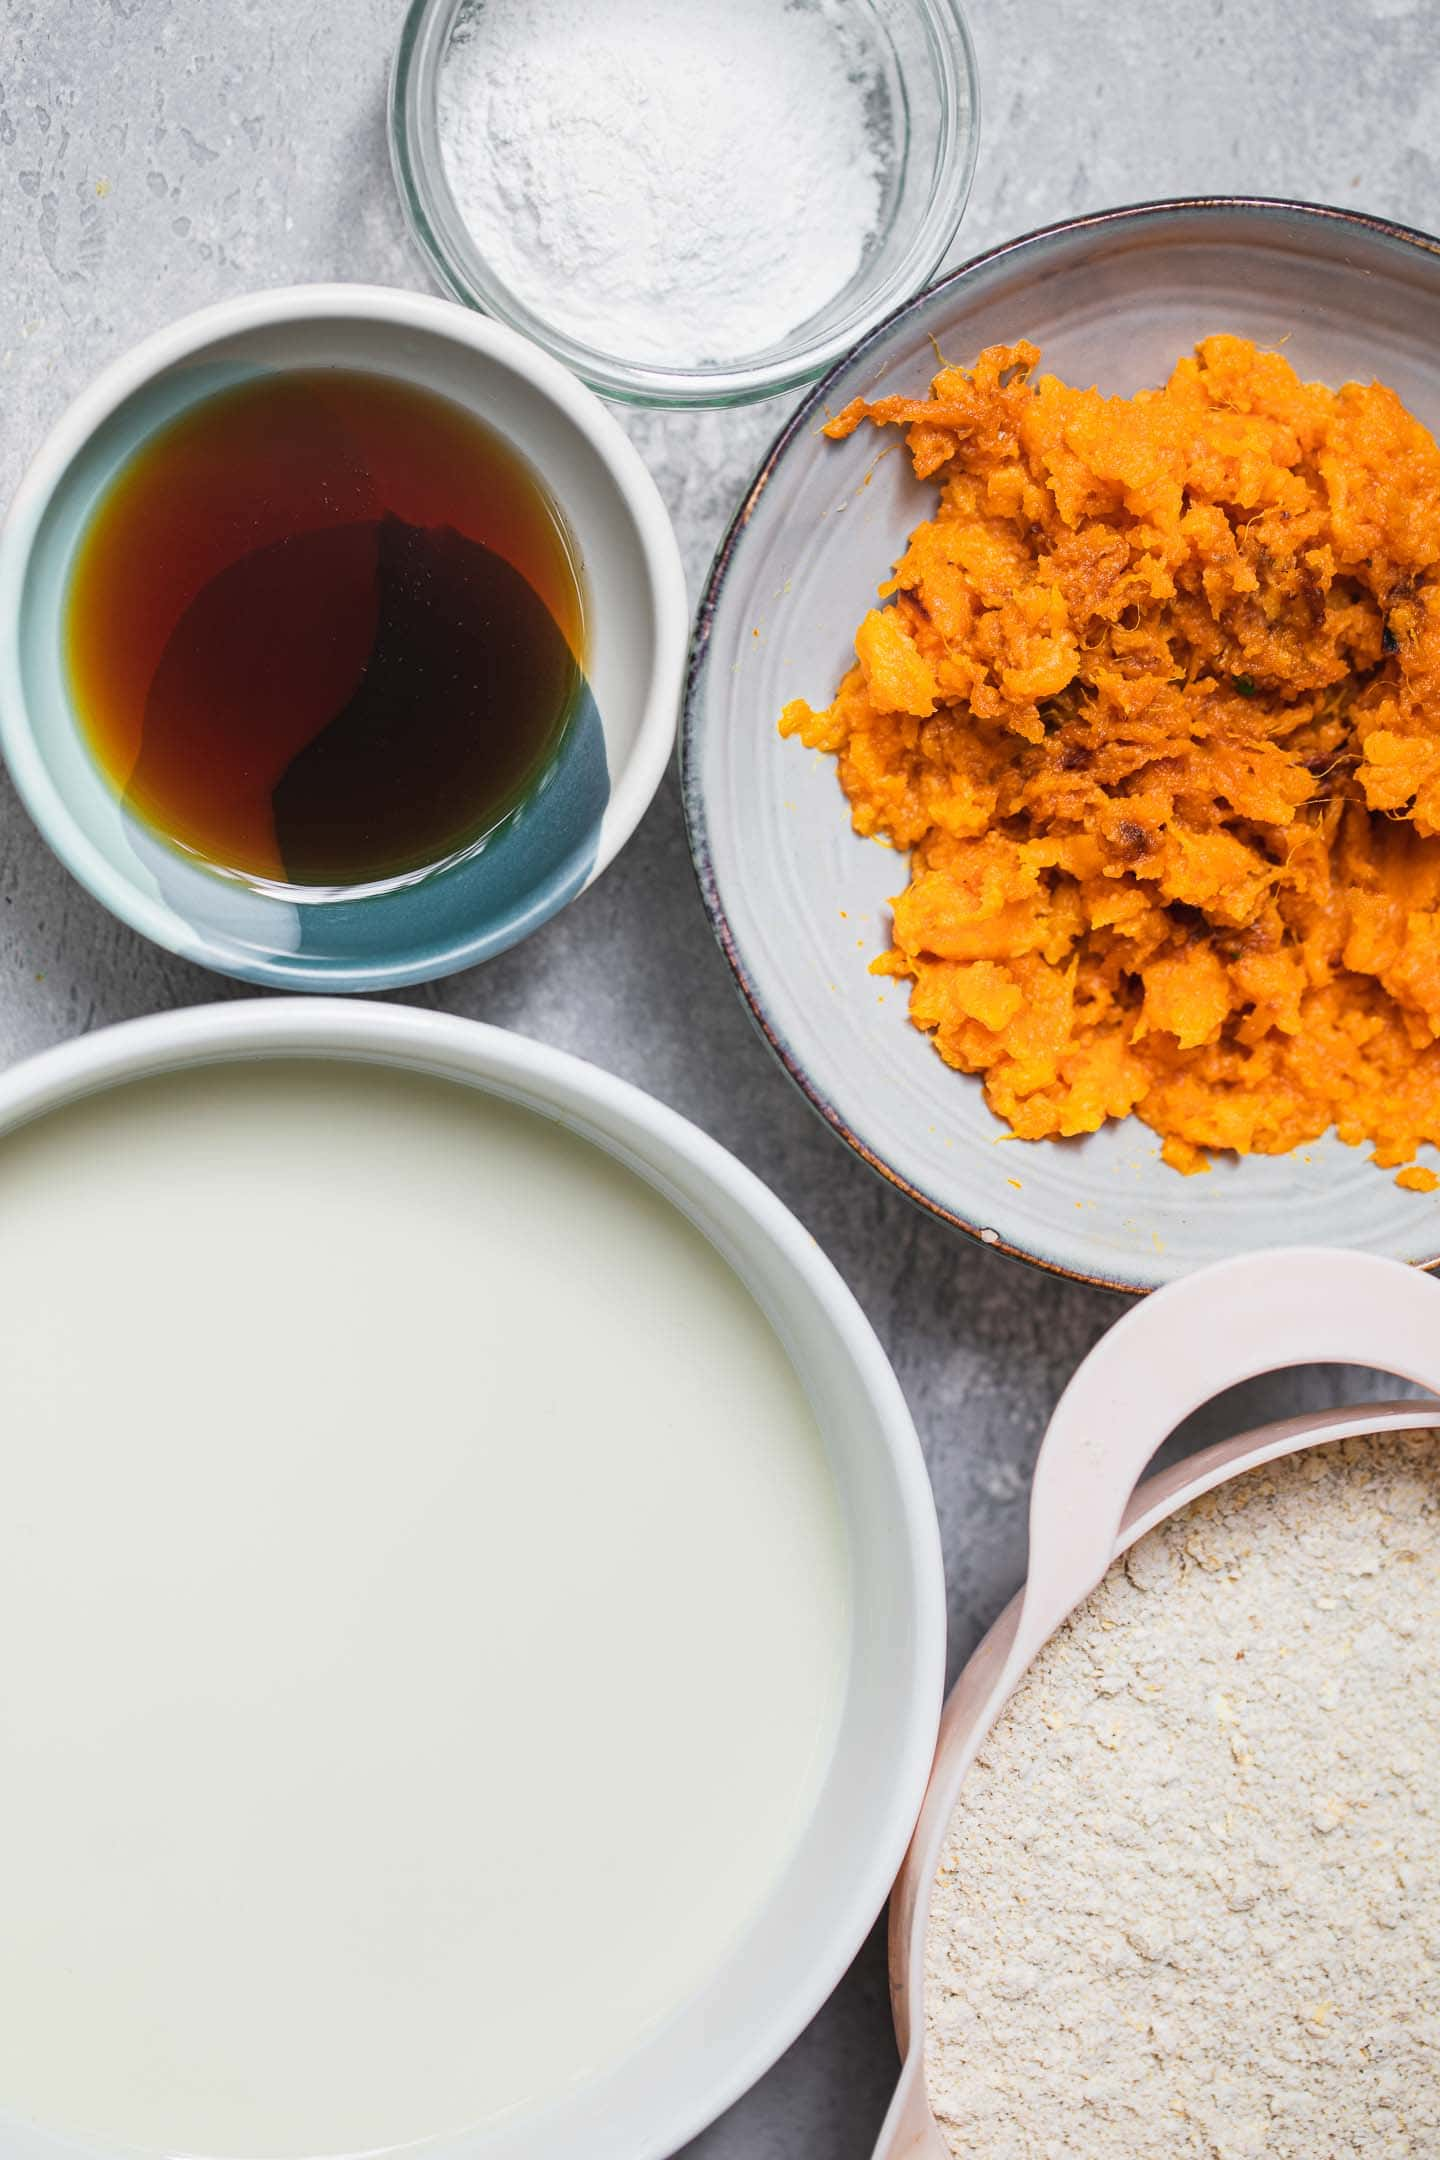 Ingredients for vegan sweet potato pancakes